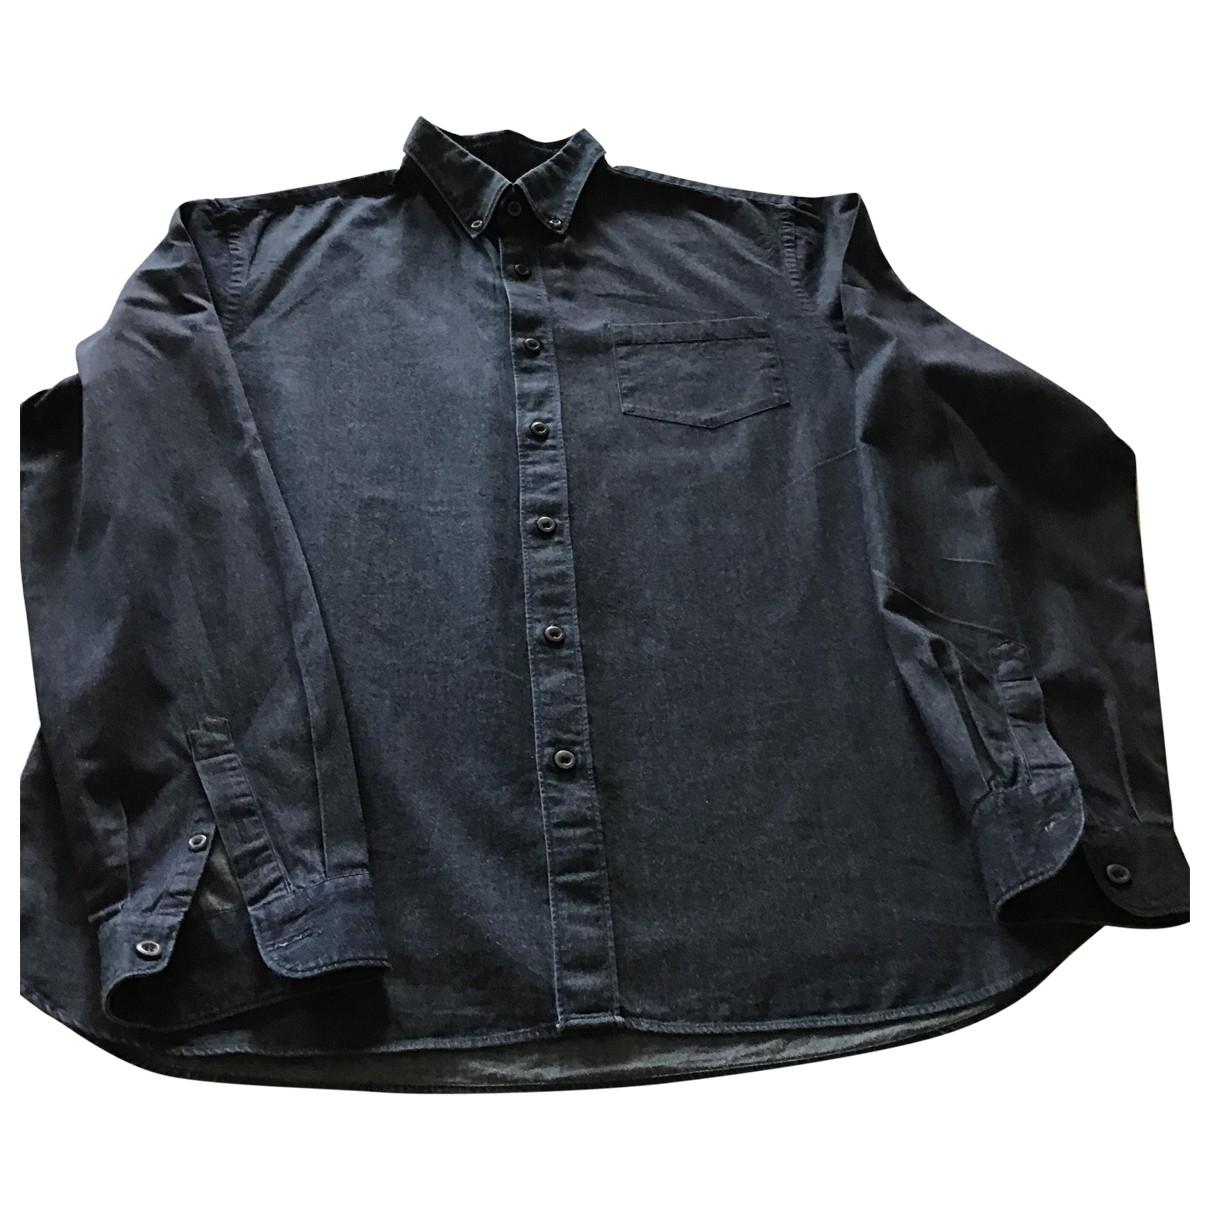 Prada \N Navy Cotton Shirts for Men 42 EU (tour de cou / collar)